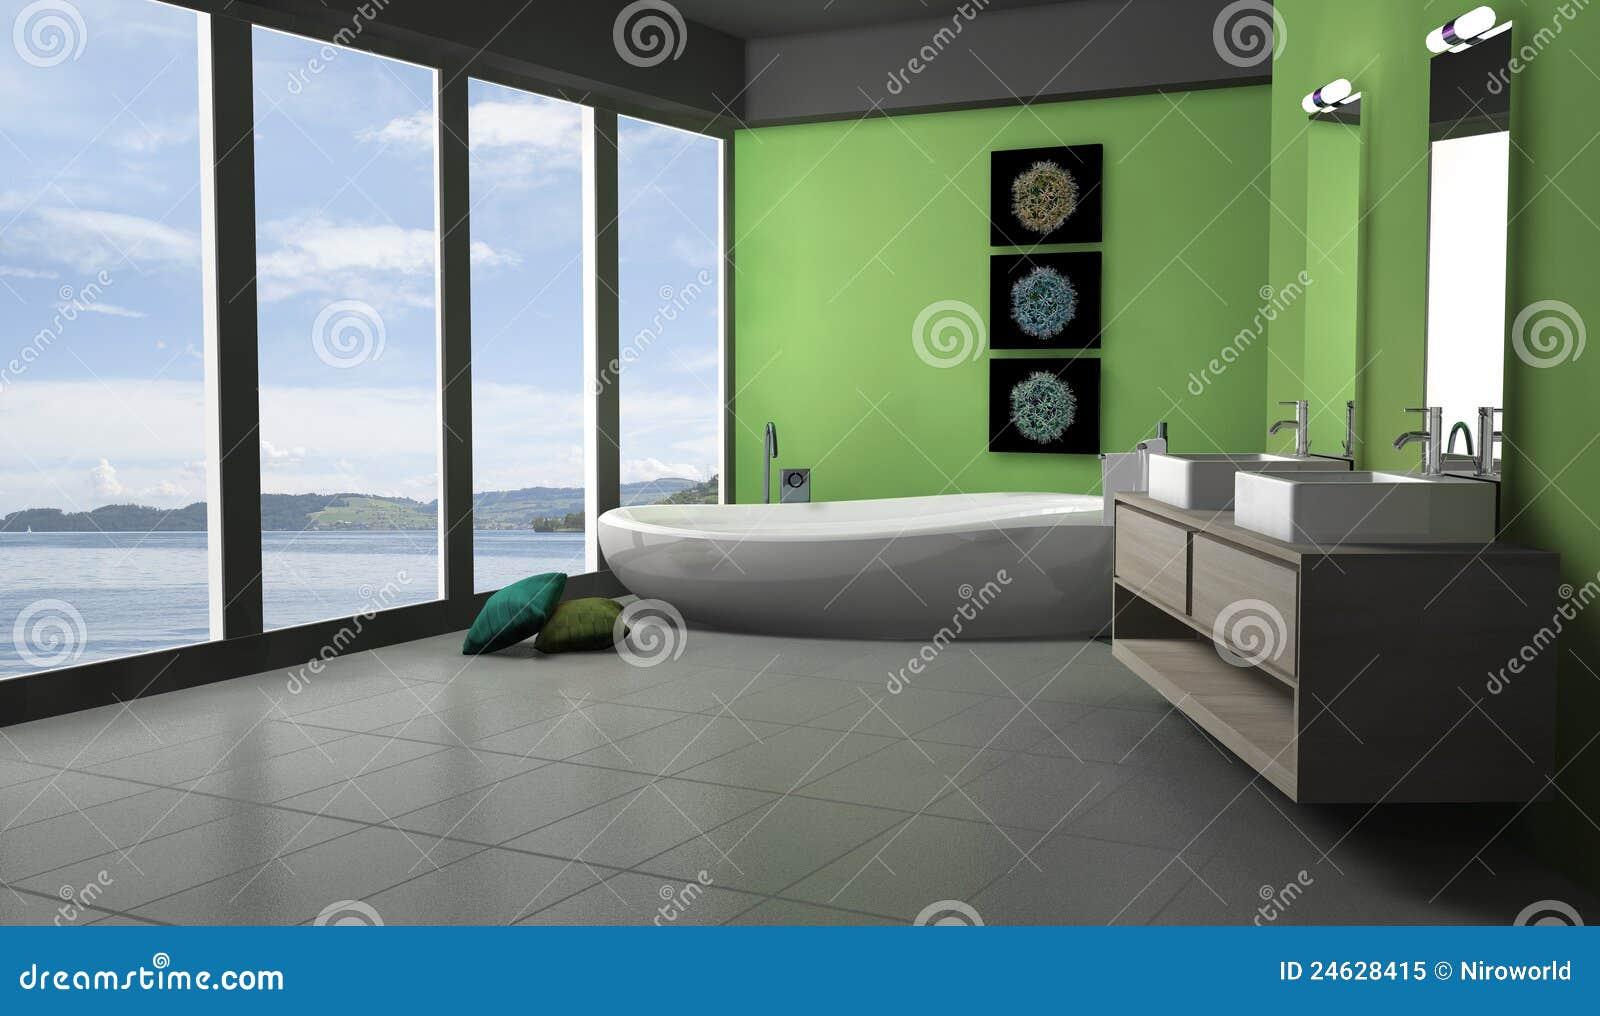 salle de bains verte lakeview illustration stock illustration du int rieur l gance 24628415. Black Bedroom Furniture Sets. Home Design Ideas